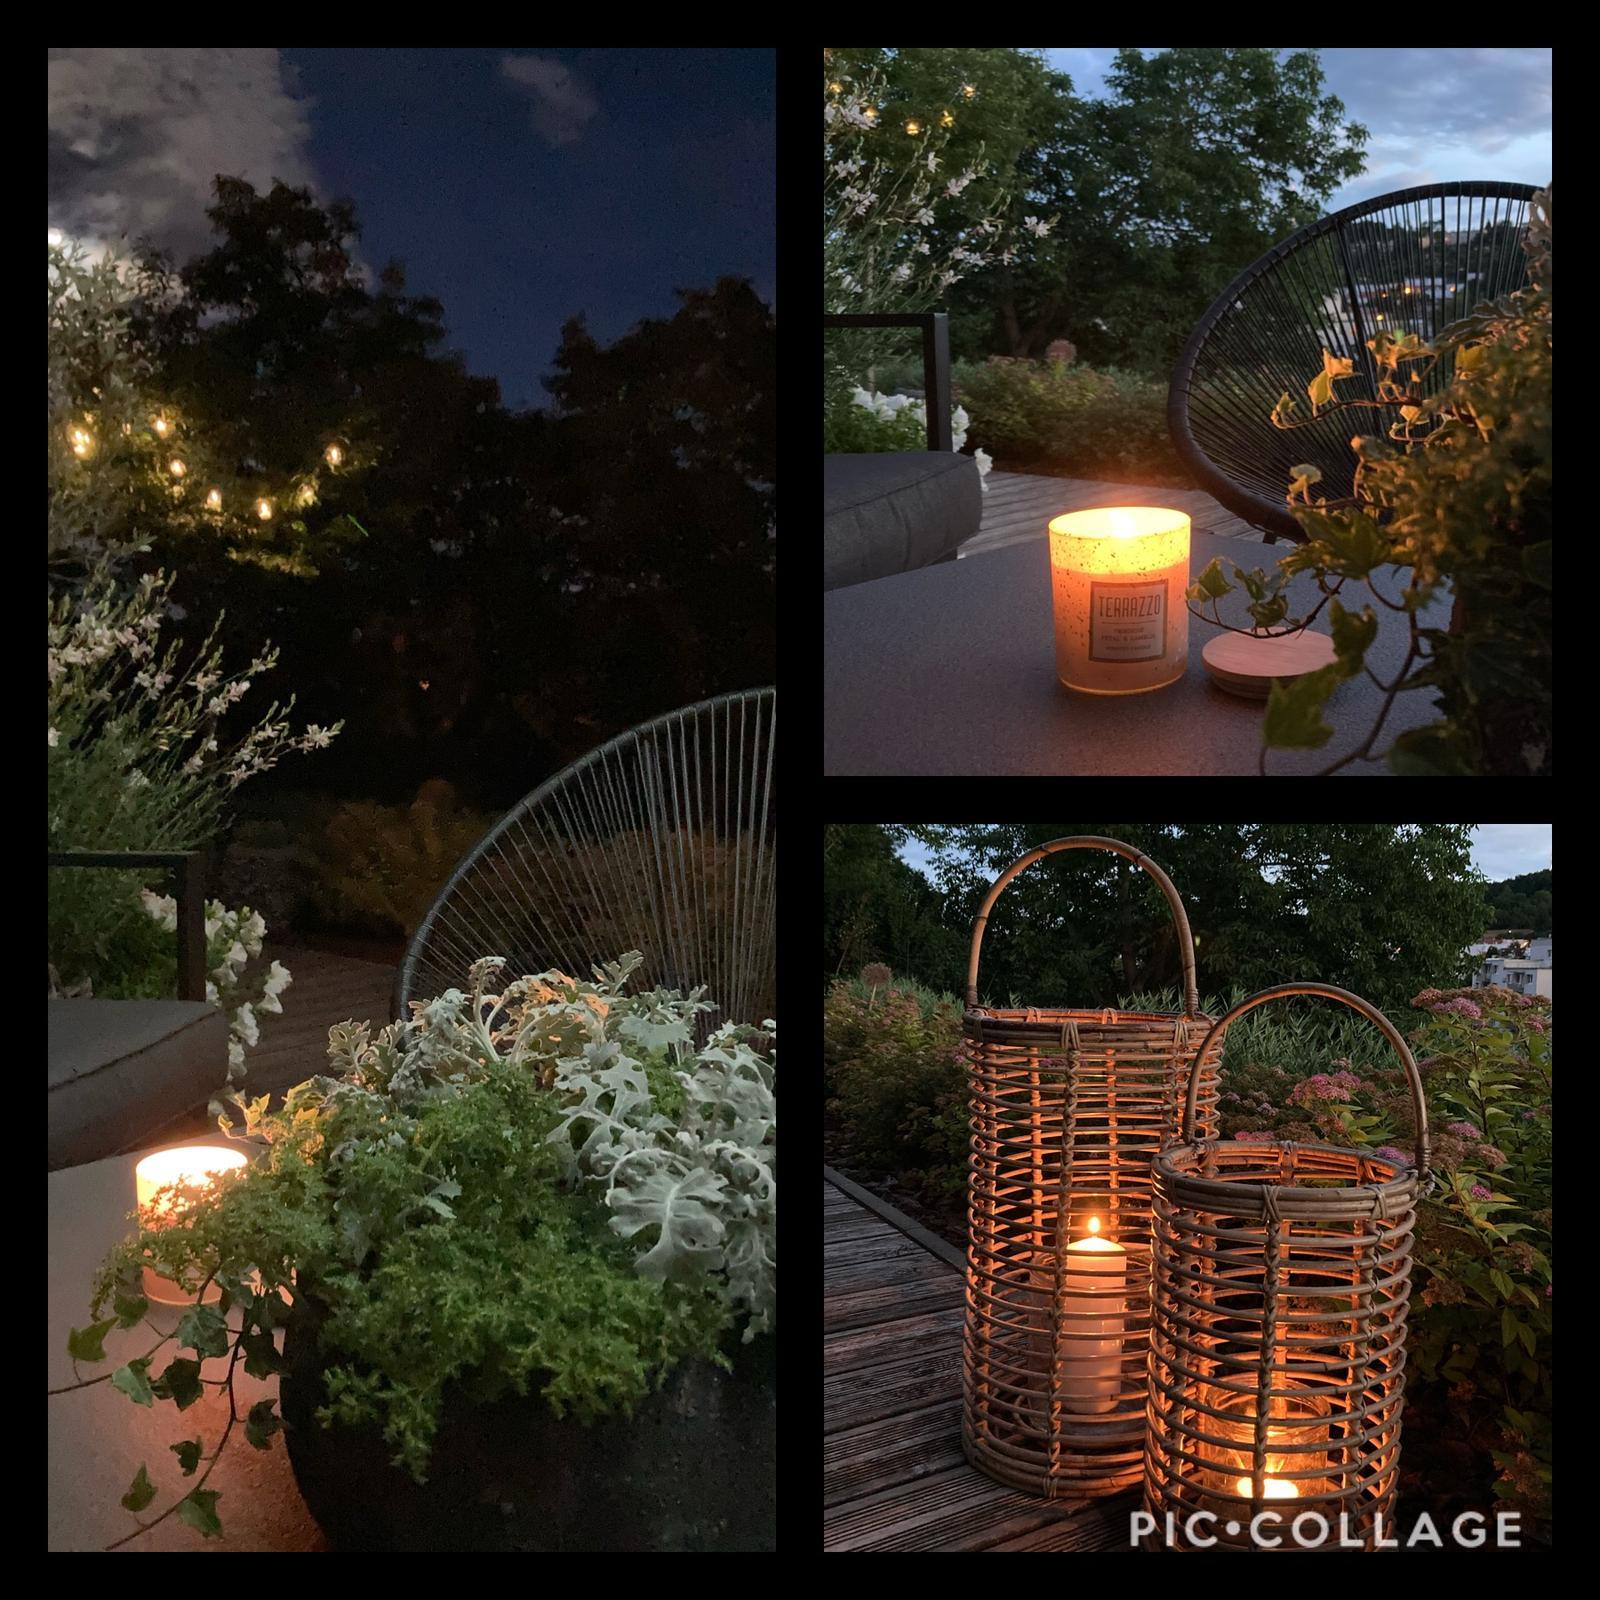 Střecháčci přeji všem krásné letní večery 🌛✨ - Obrázek č. 1